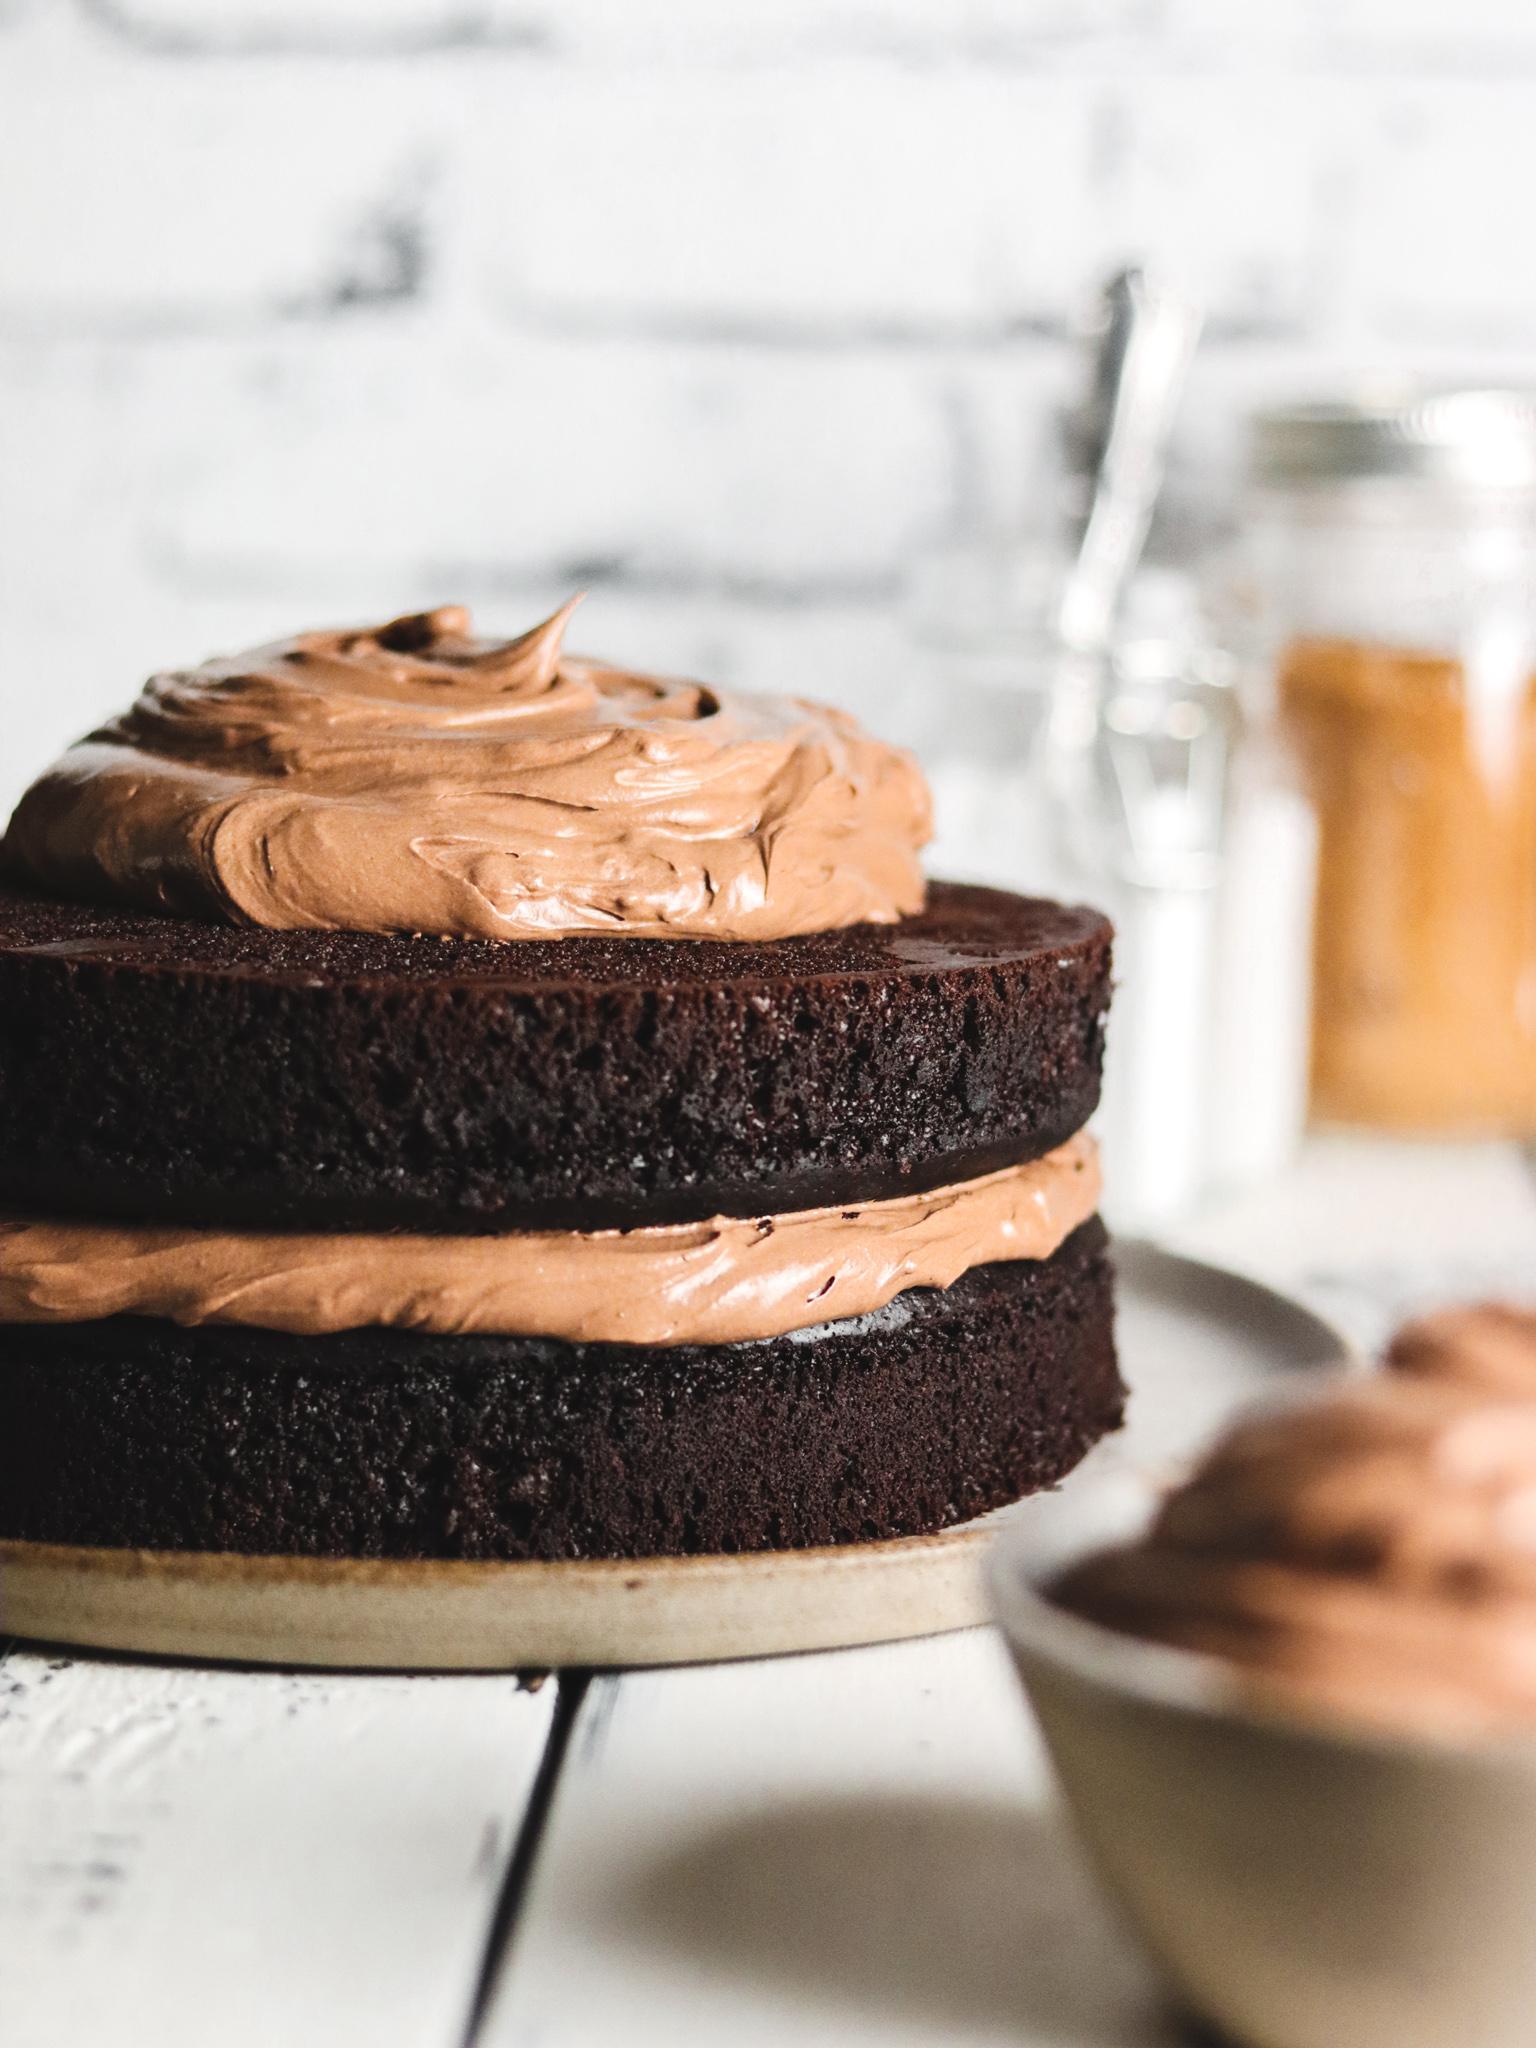 Saftiger Schokoladenkuchen - Schichten